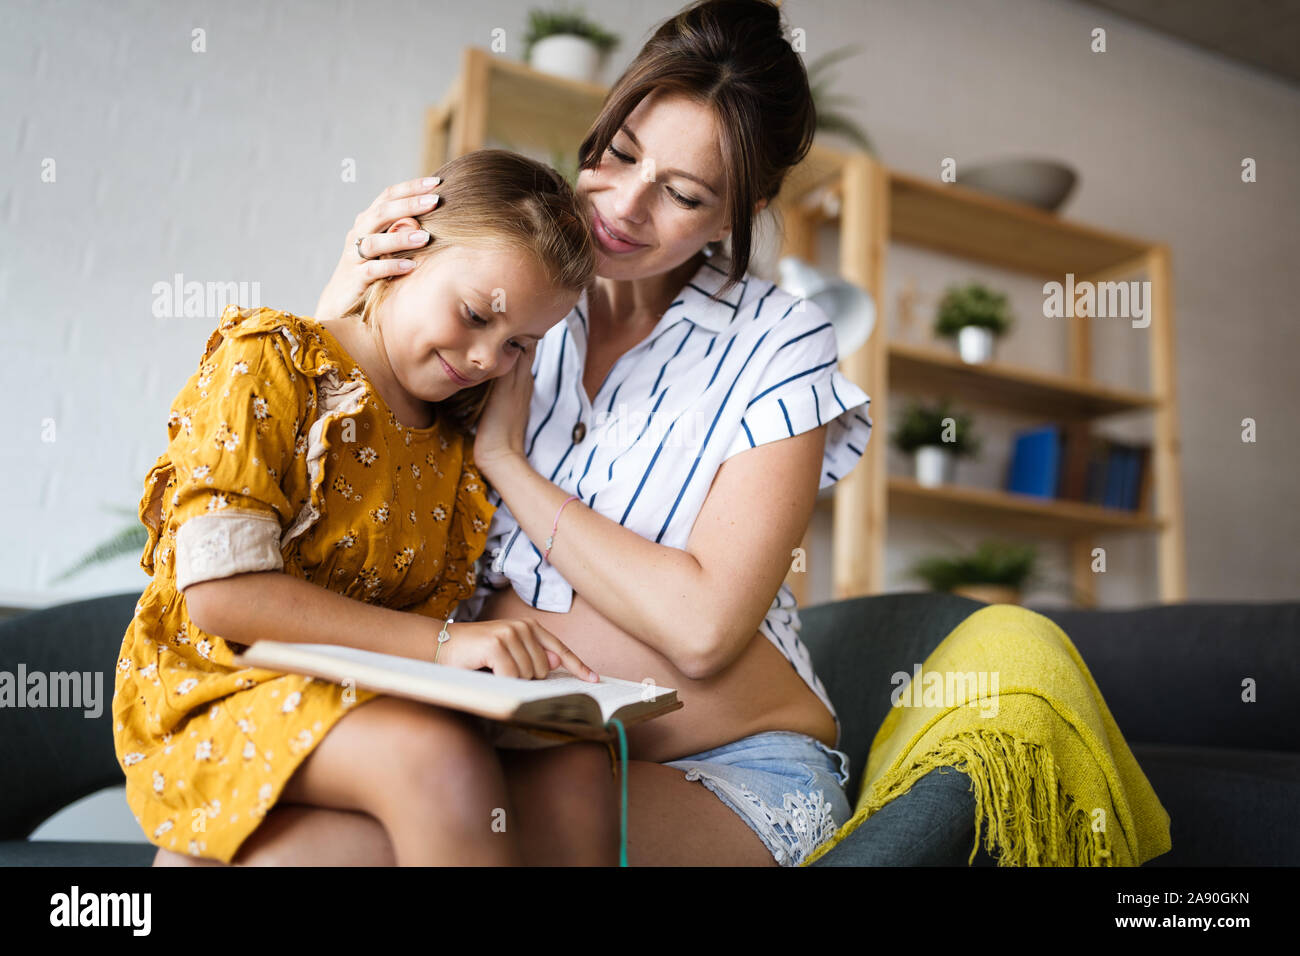 Retrato de la madre embarazada y su hija leyendo un libro en el salón Foto de stock